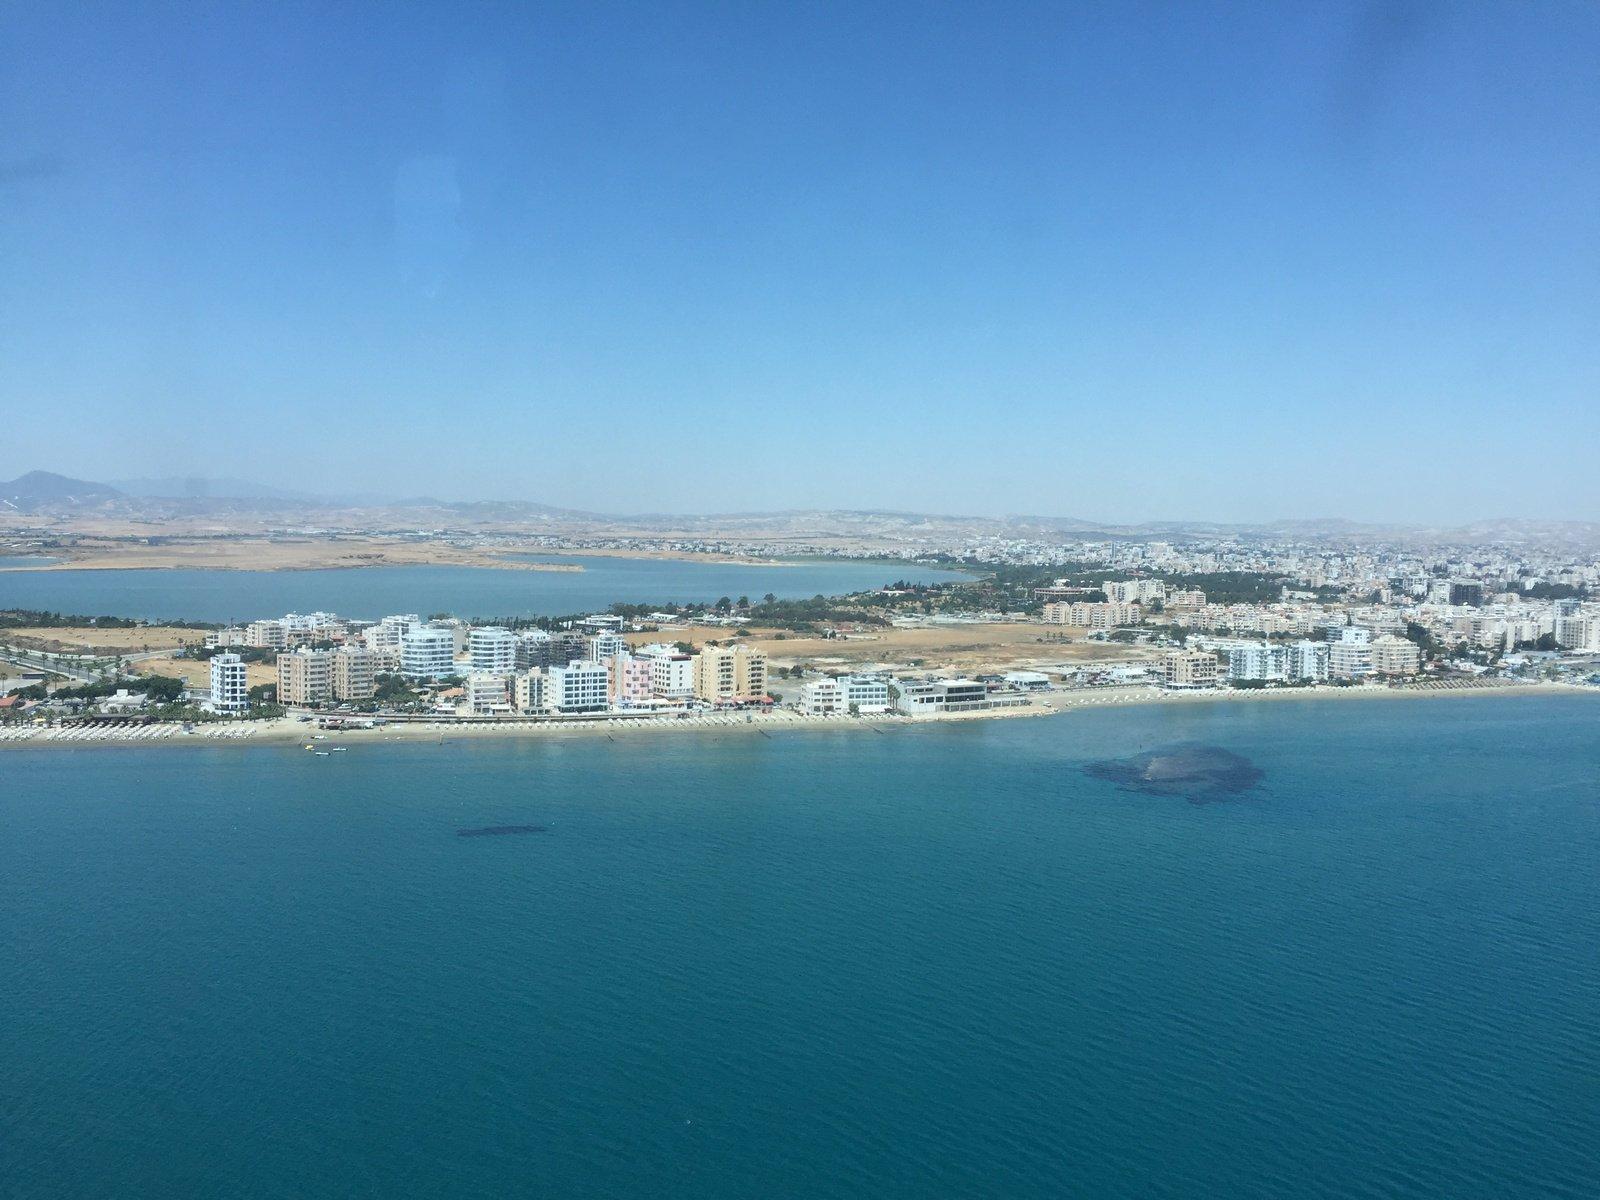 Вид на окрестности Ларнаки перед посадкой в аэропорту